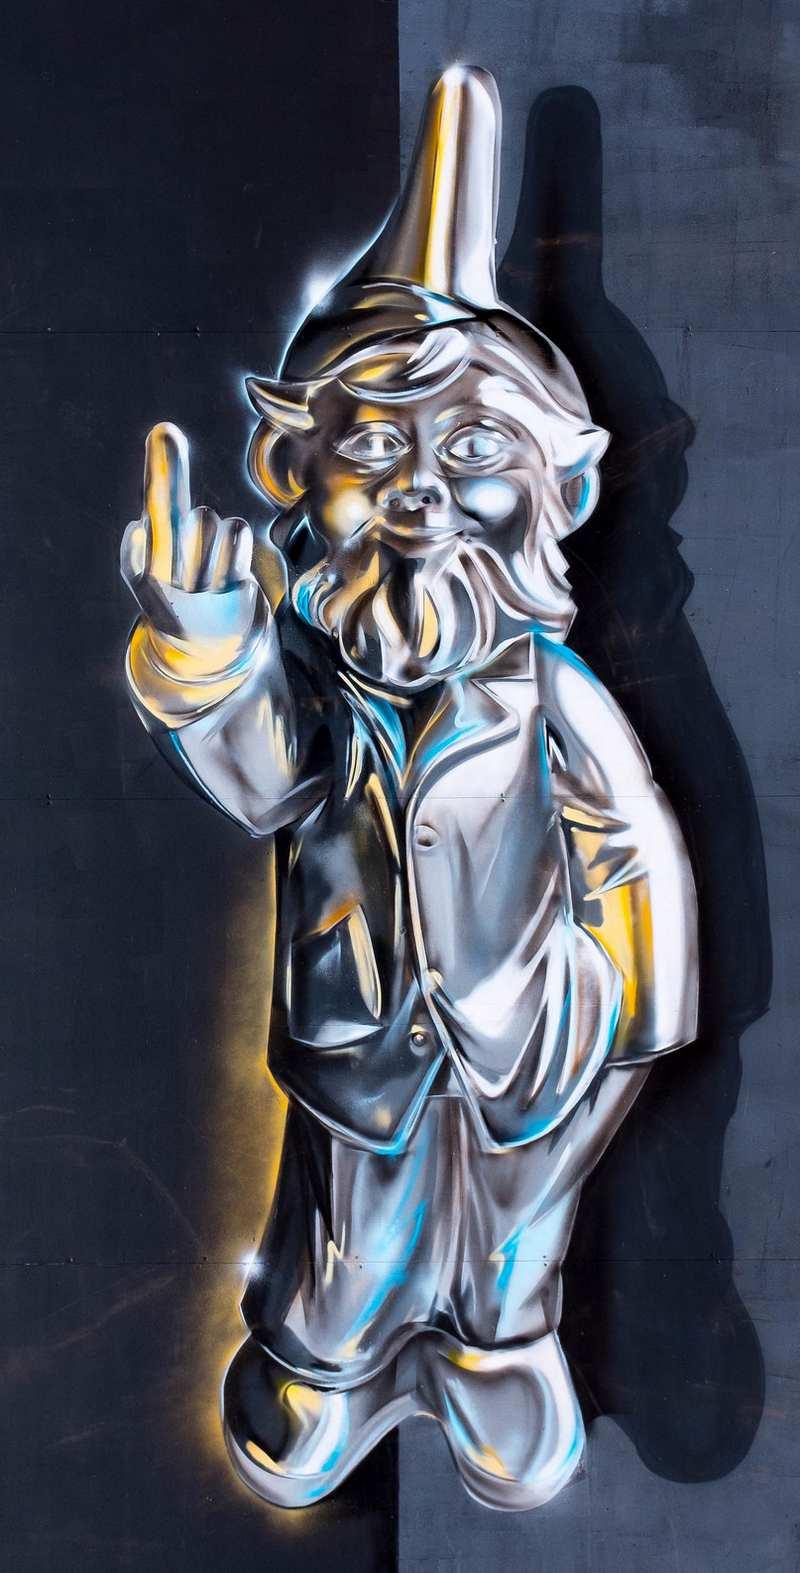 Graffiti de Fanakapan